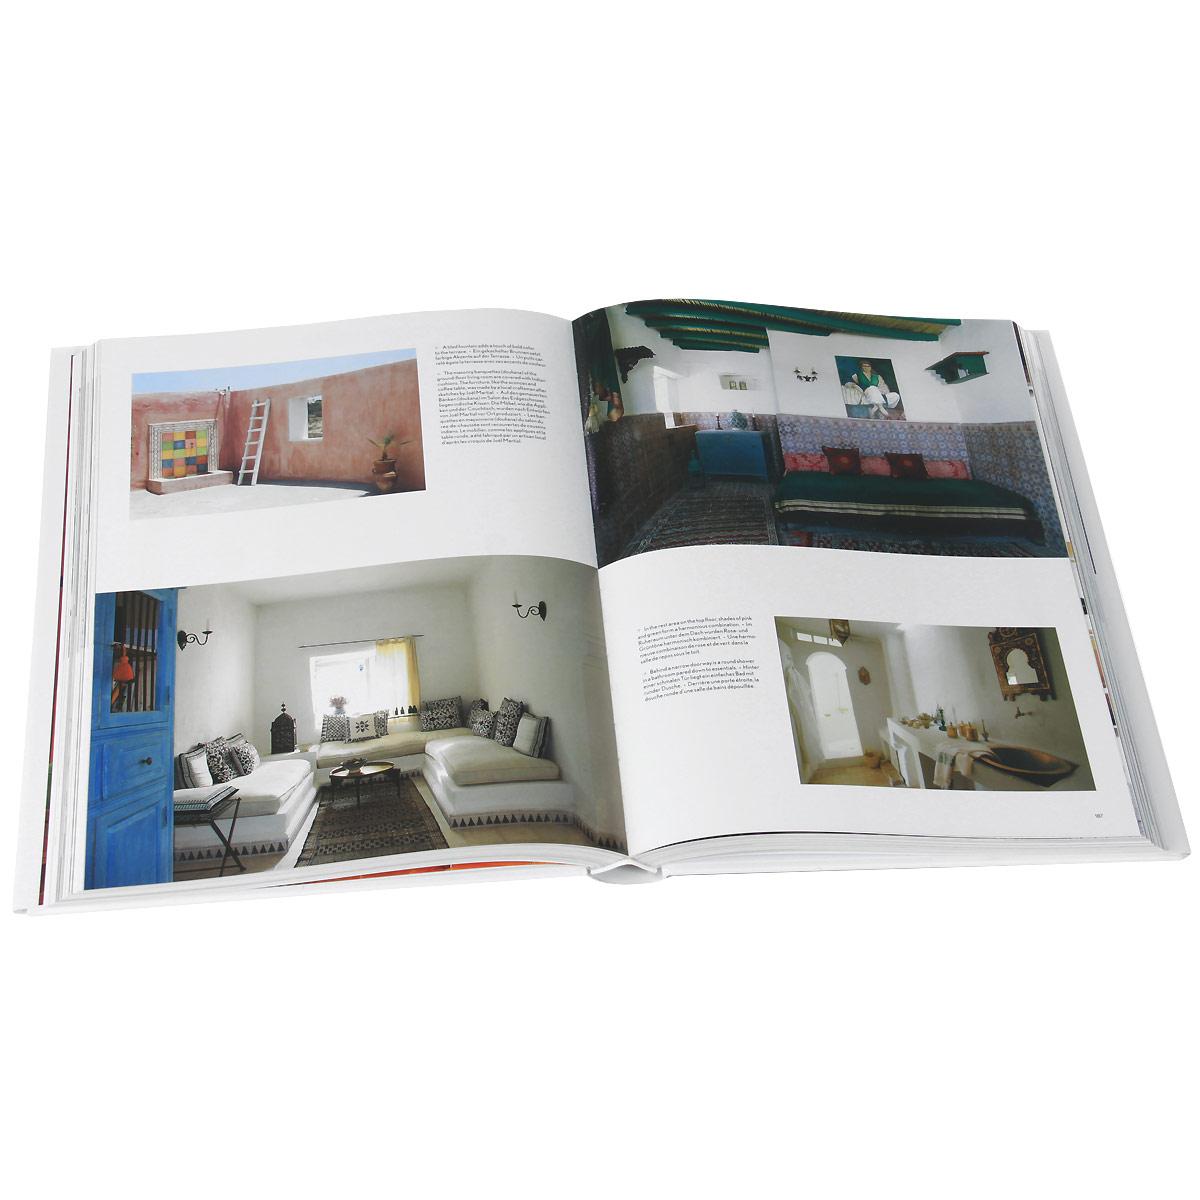 100 Interiors Around the World / So wohnt die Welt / Un tour du monde des interieurs (�������� �� 2 ����)